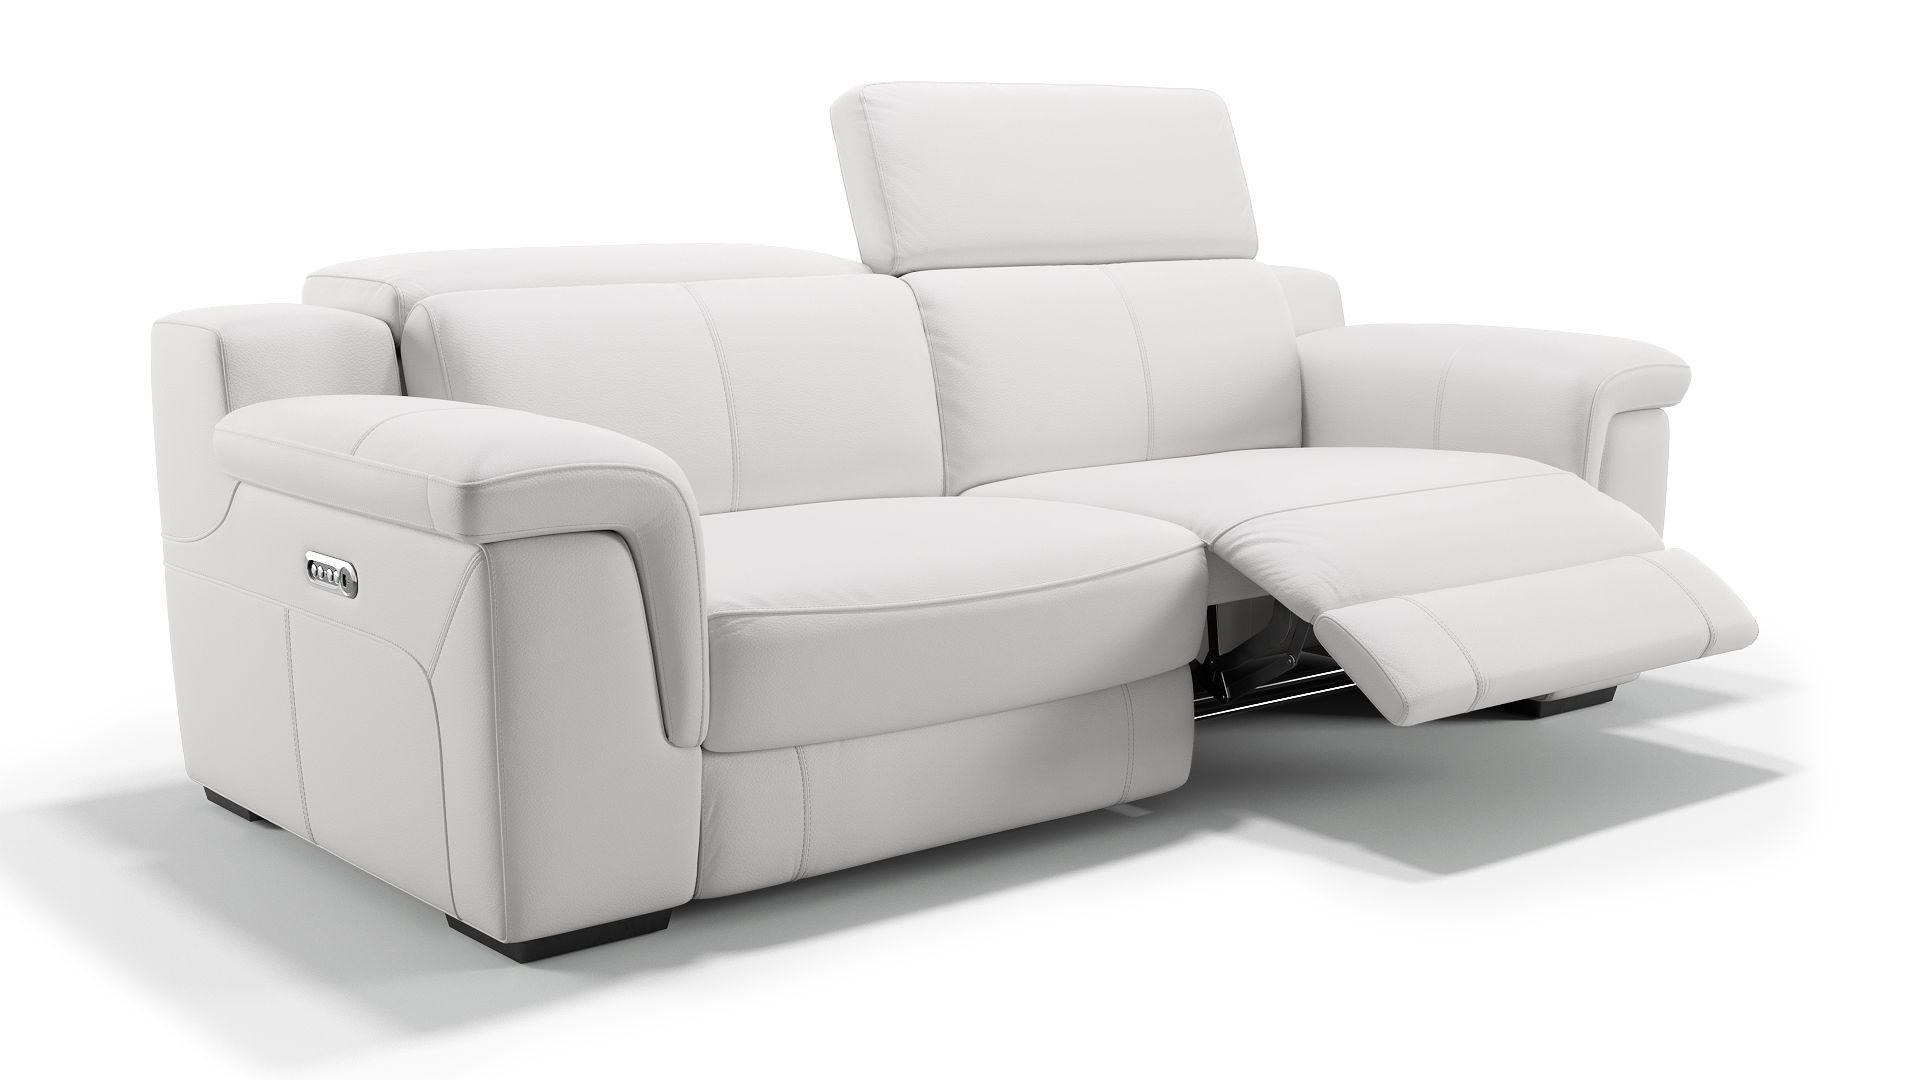 Full Size of Himolla Relaxsofa Elektrisch Relaxsessel Mit Aufstehhilfe Leder 3 Sitzer Stoff Entdecken Sie Das Hbsche Funktionssofa Stilo Bei Sofanella Die Wohnzimmer Relaxsofa Elektrisch